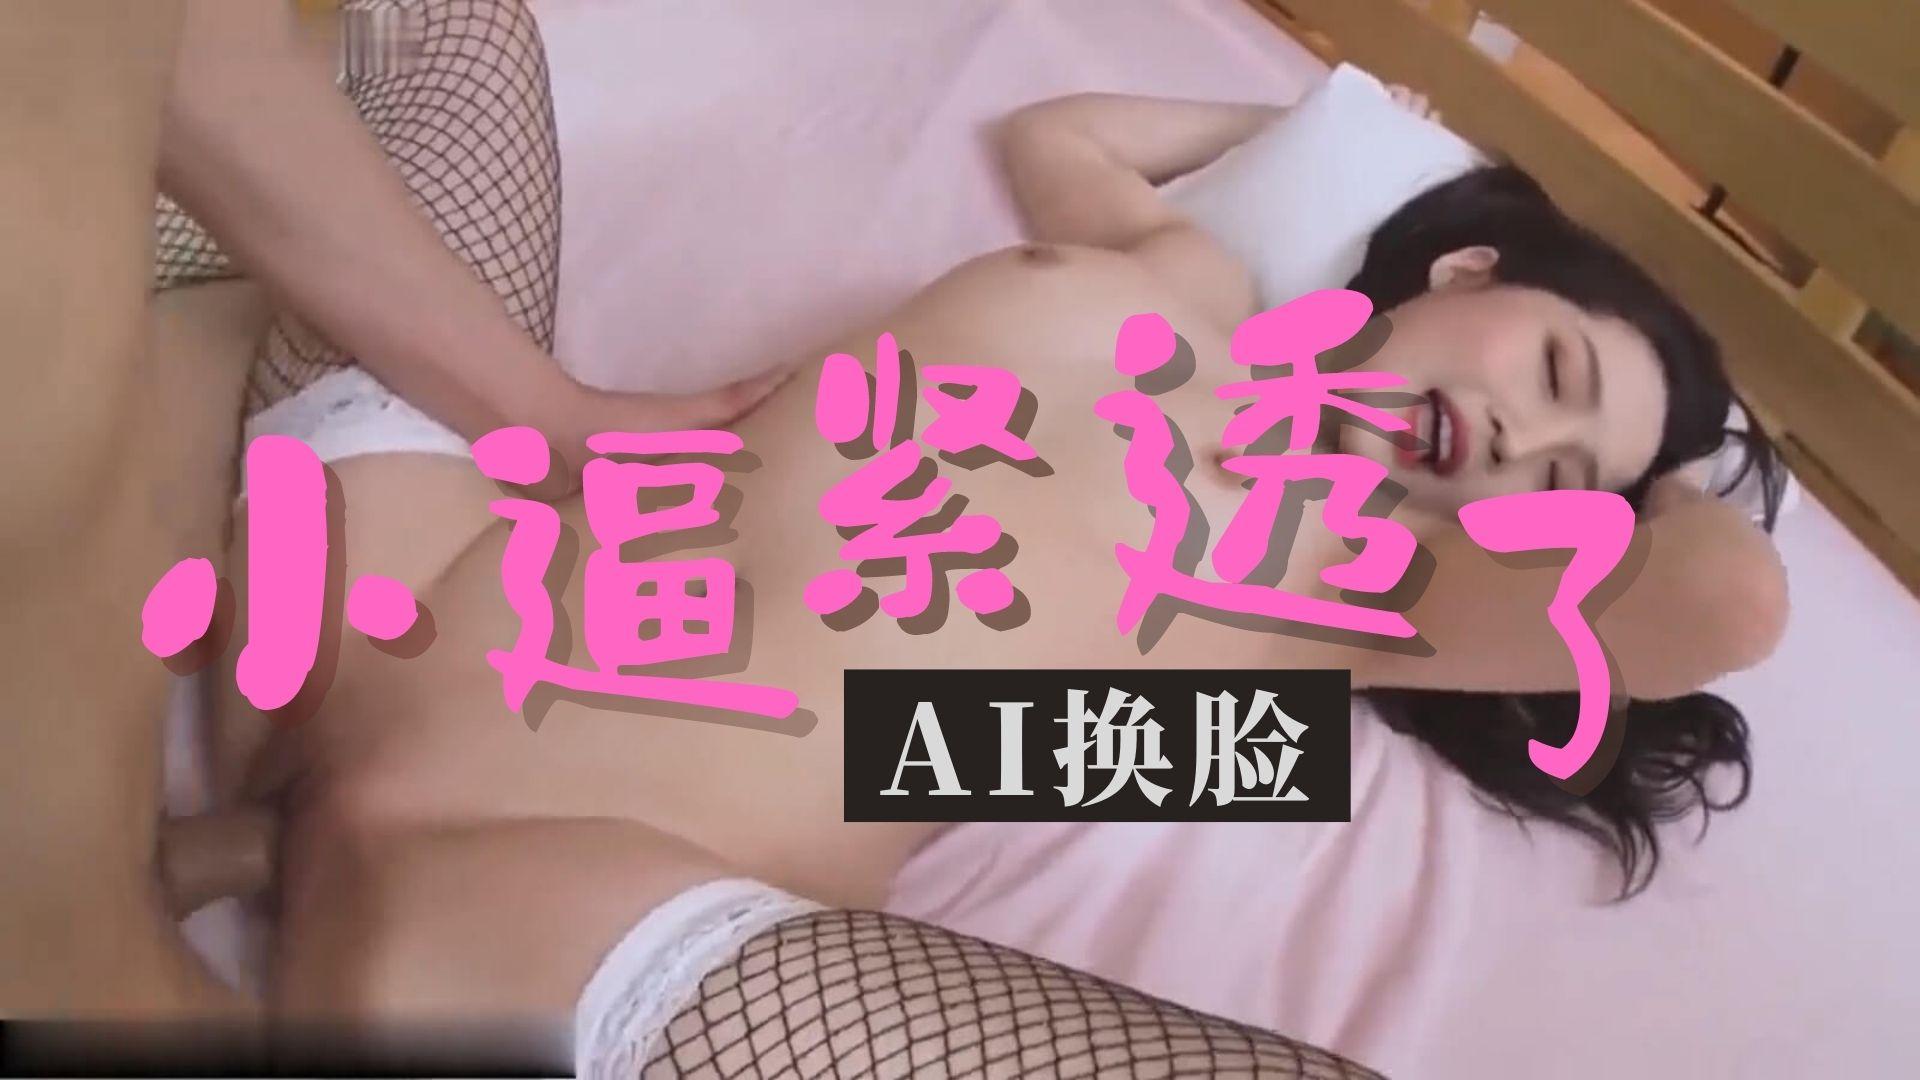 Al—朴秀英 欢乐享受性爱